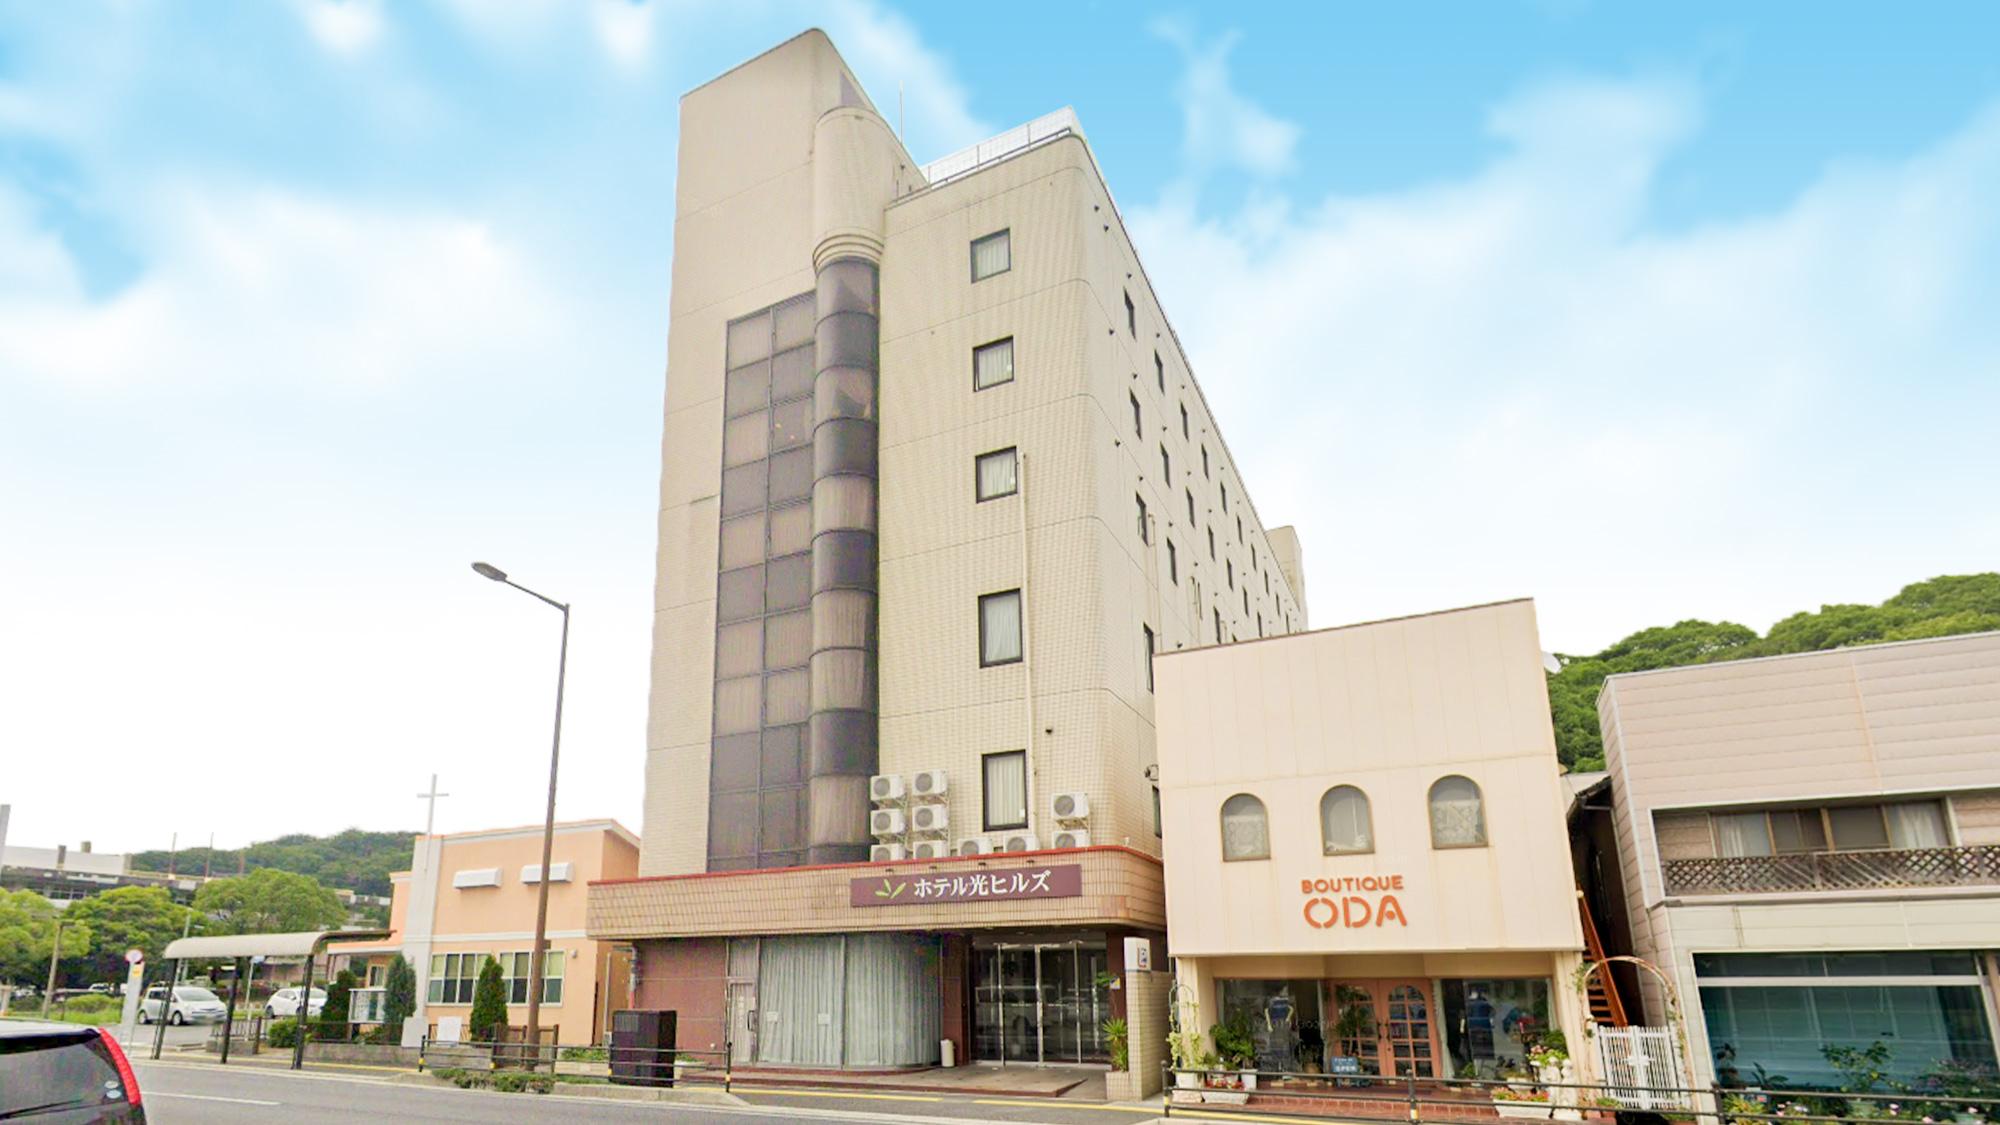 ホテル光ヒルズ 旧)光オリエンタルホテル(BBHグループホテル)